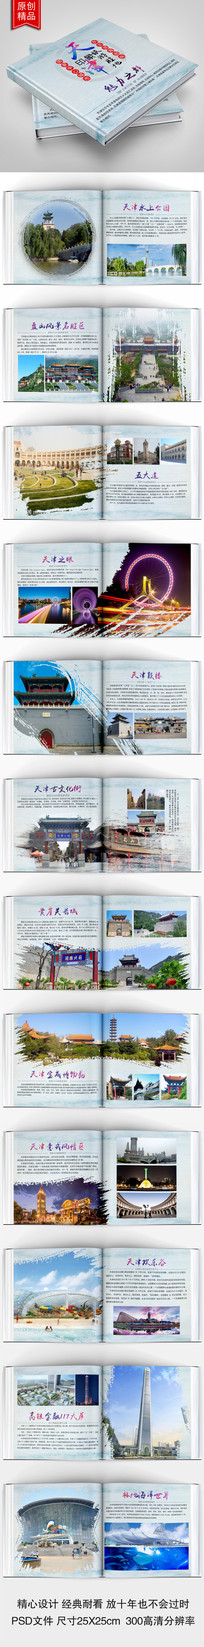 经典中国风天津印象旅游画册